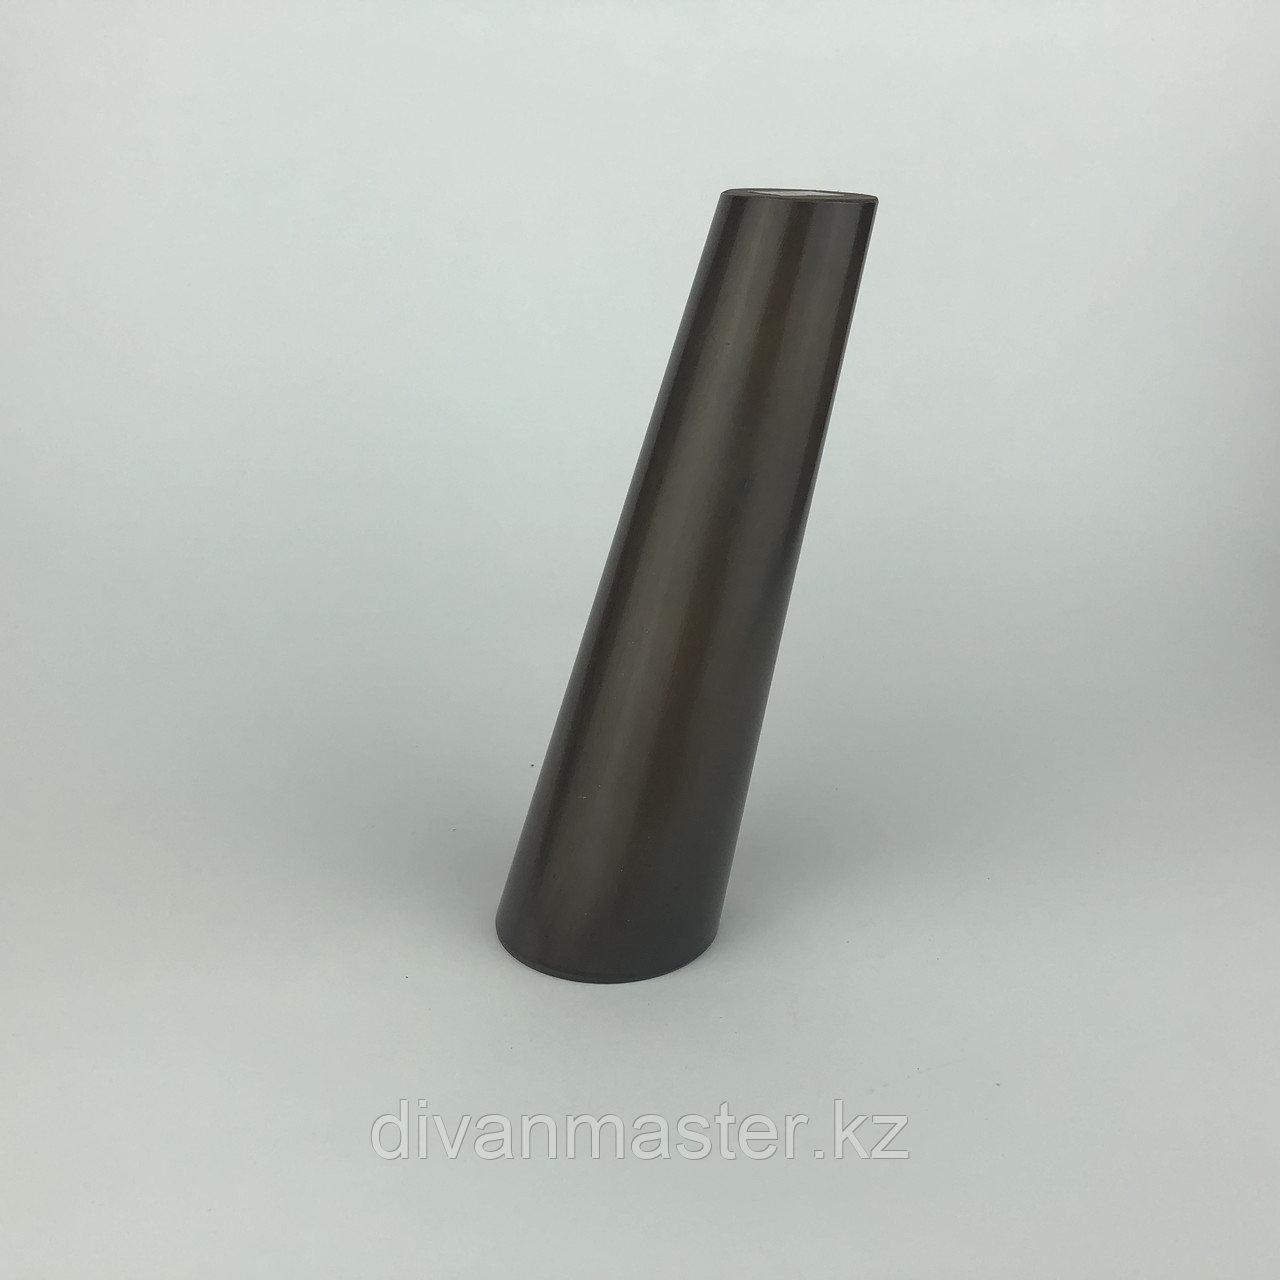 Ножка мебельная, деревянная, конус с наклоном 18 см